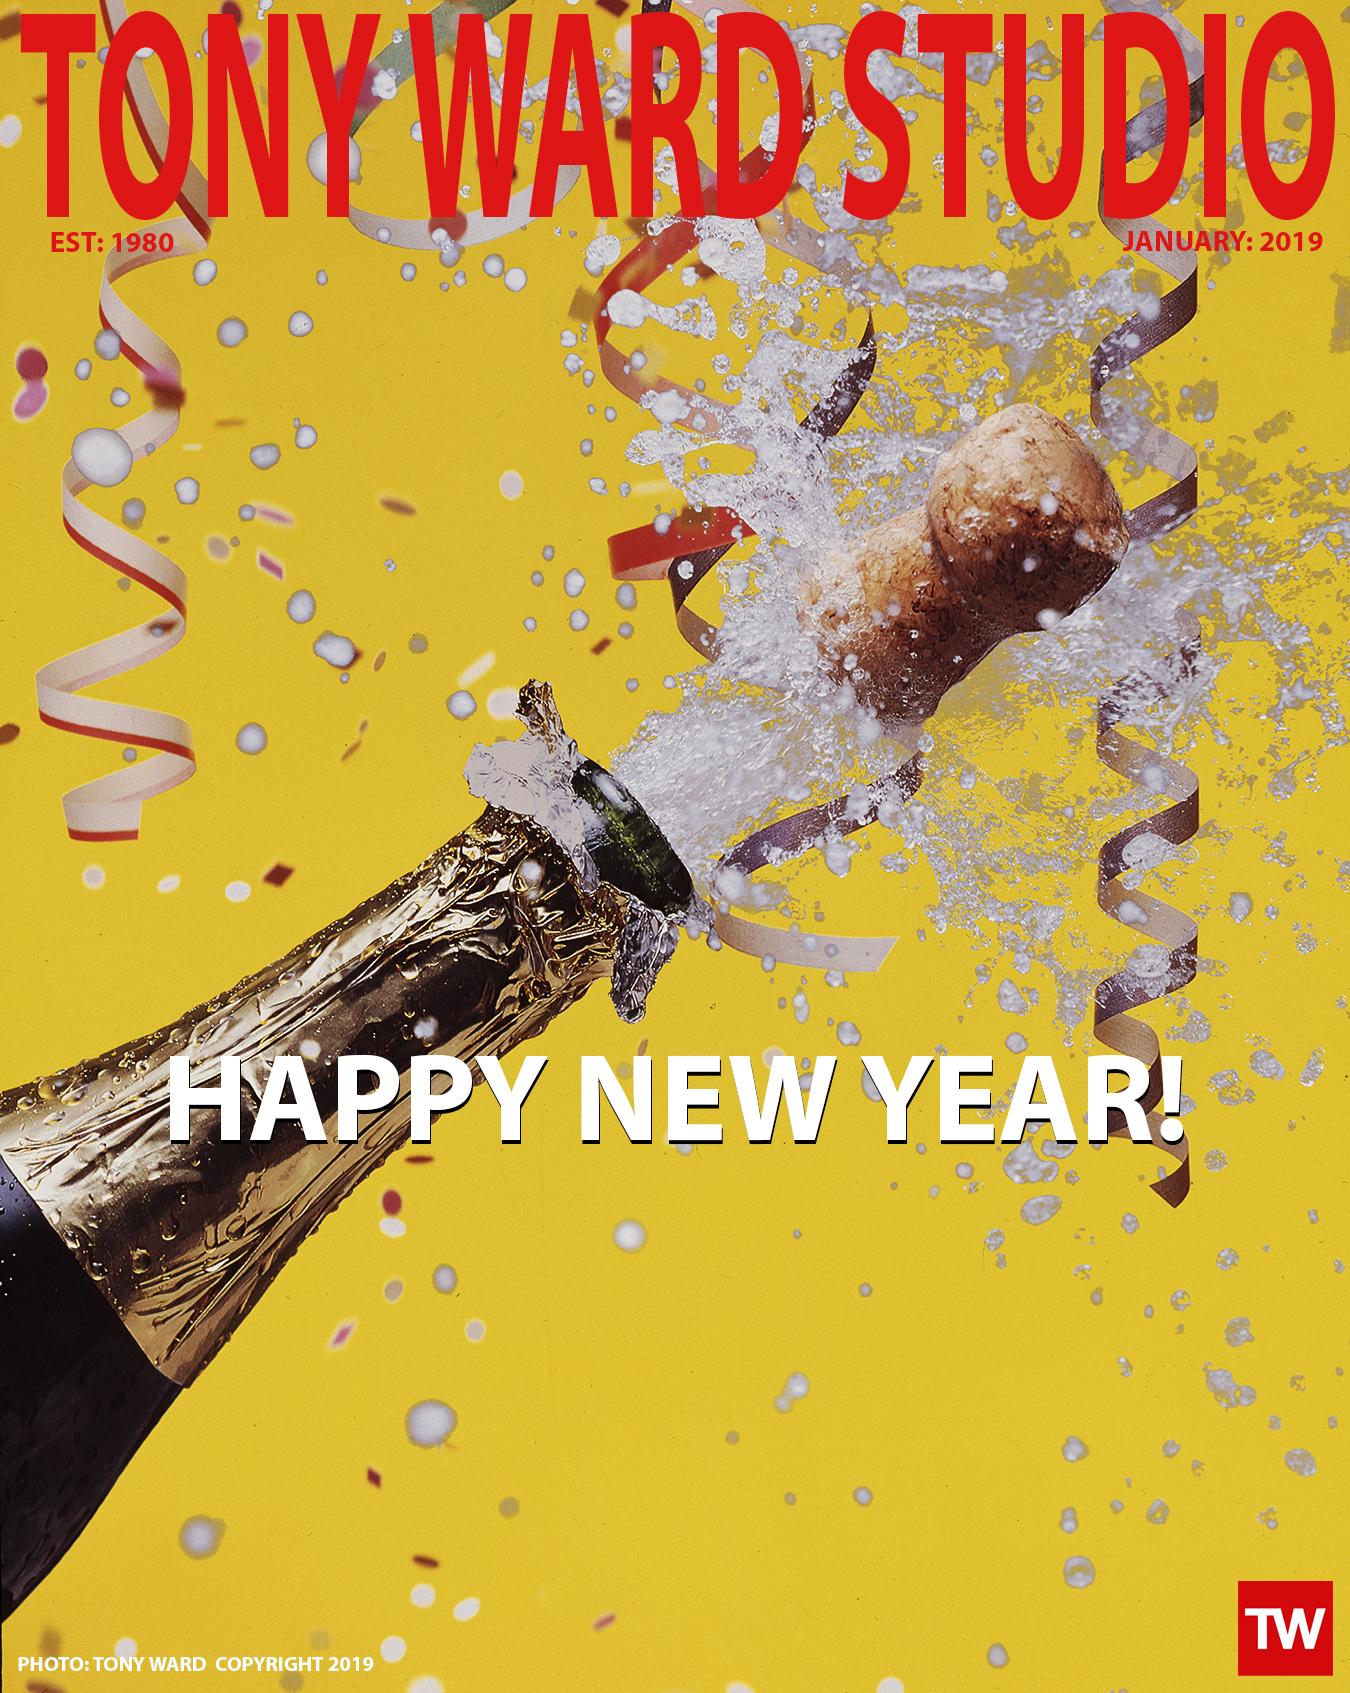 Tony_Ward_Studio_Happy_New_Year_2019_champaign_ copy